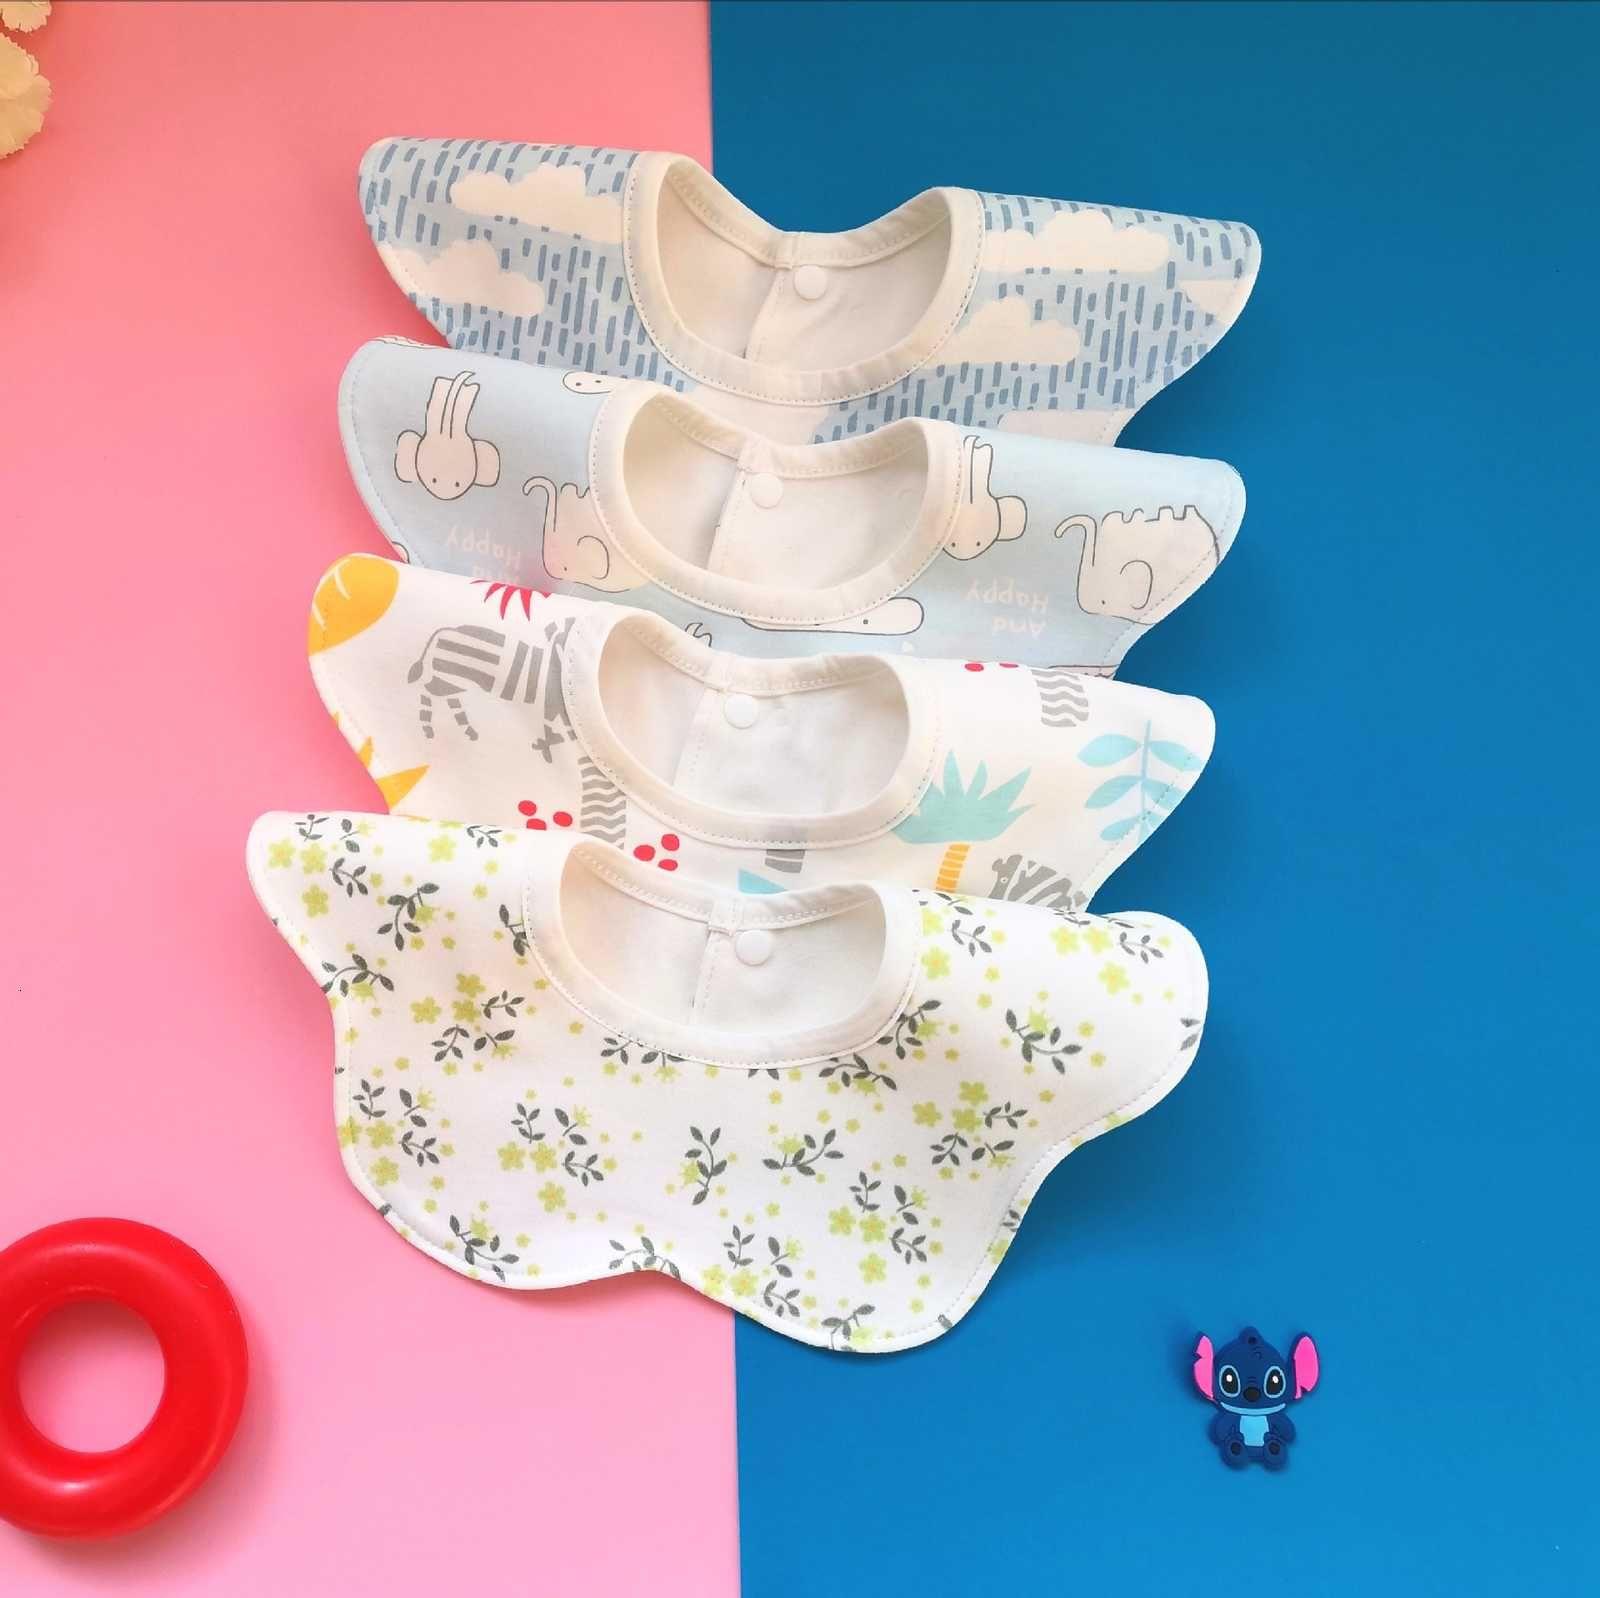 Herbst und Winter Neue Wasserdichte Speichel Tuch 360 Rotary Baby Lätzchen verdickt, um die Essensack von Kindern zu vergrößern